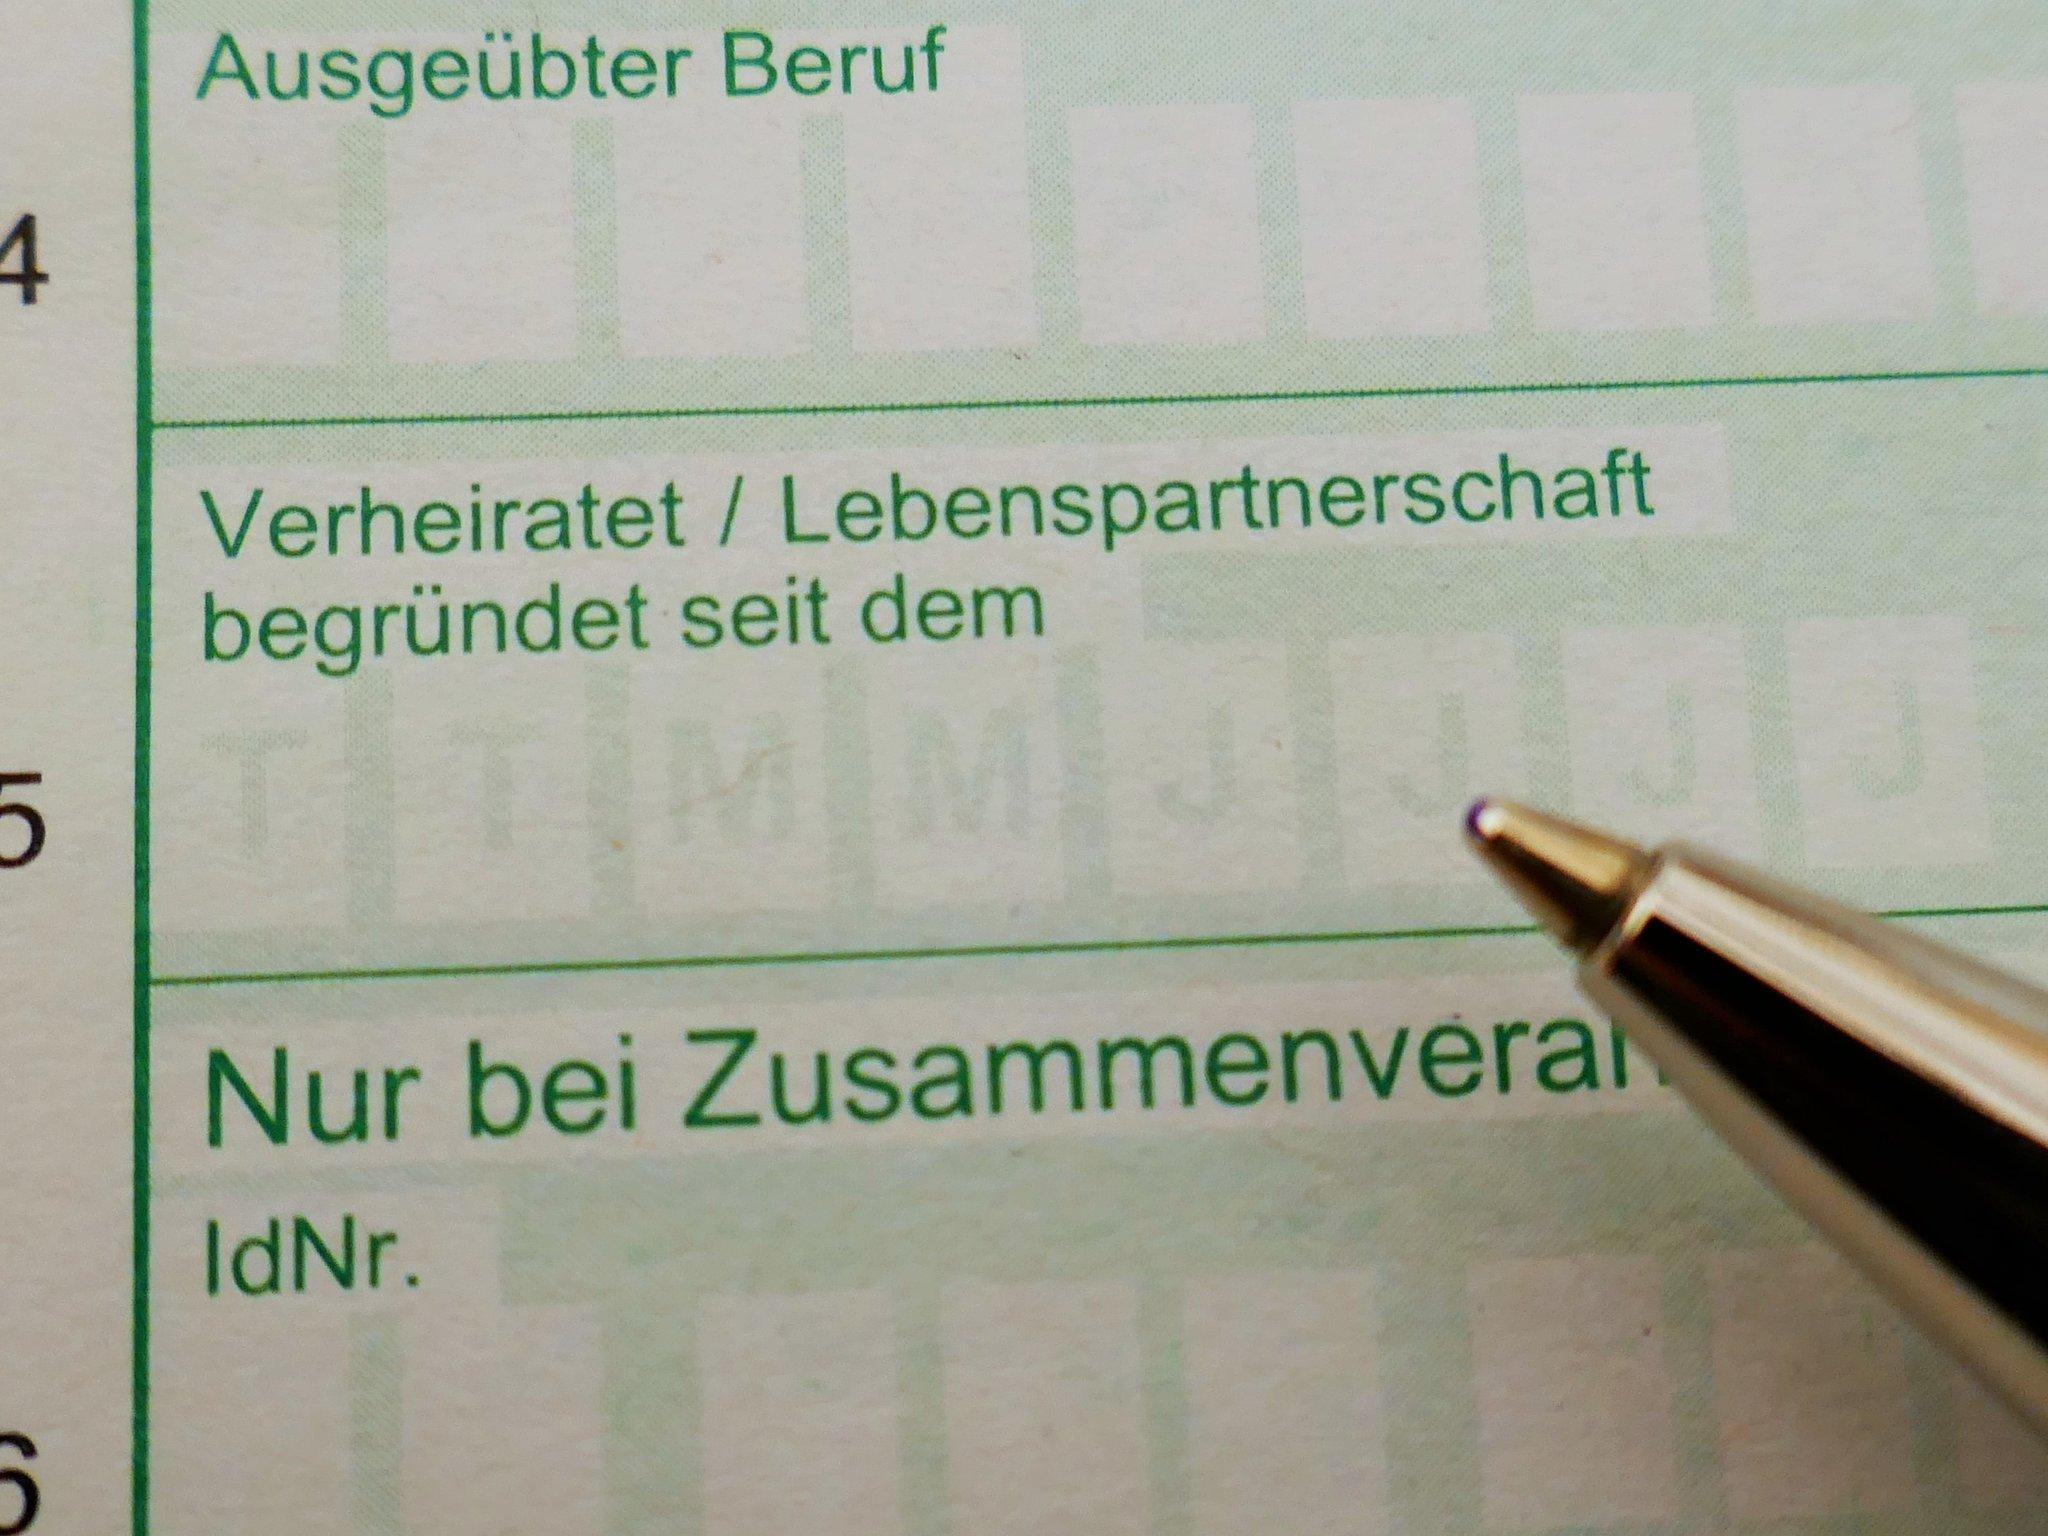 Schatzi, kannst du mir bei Frage 5 mal helfen. - Essen-Ruhr